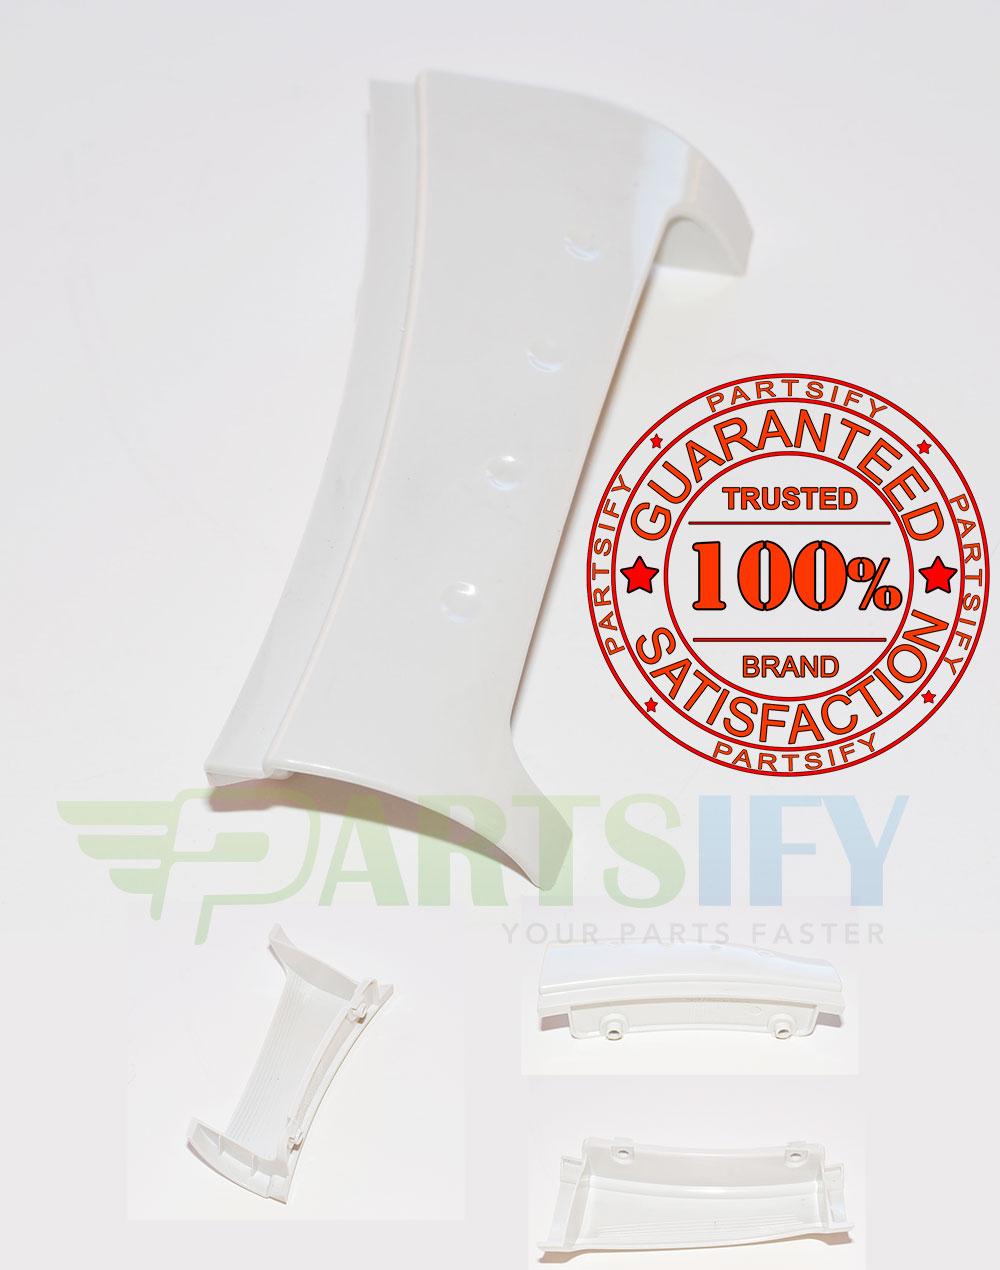 New Ap3128741 Ps391617 Washer Door Handle Fits Whirlpool